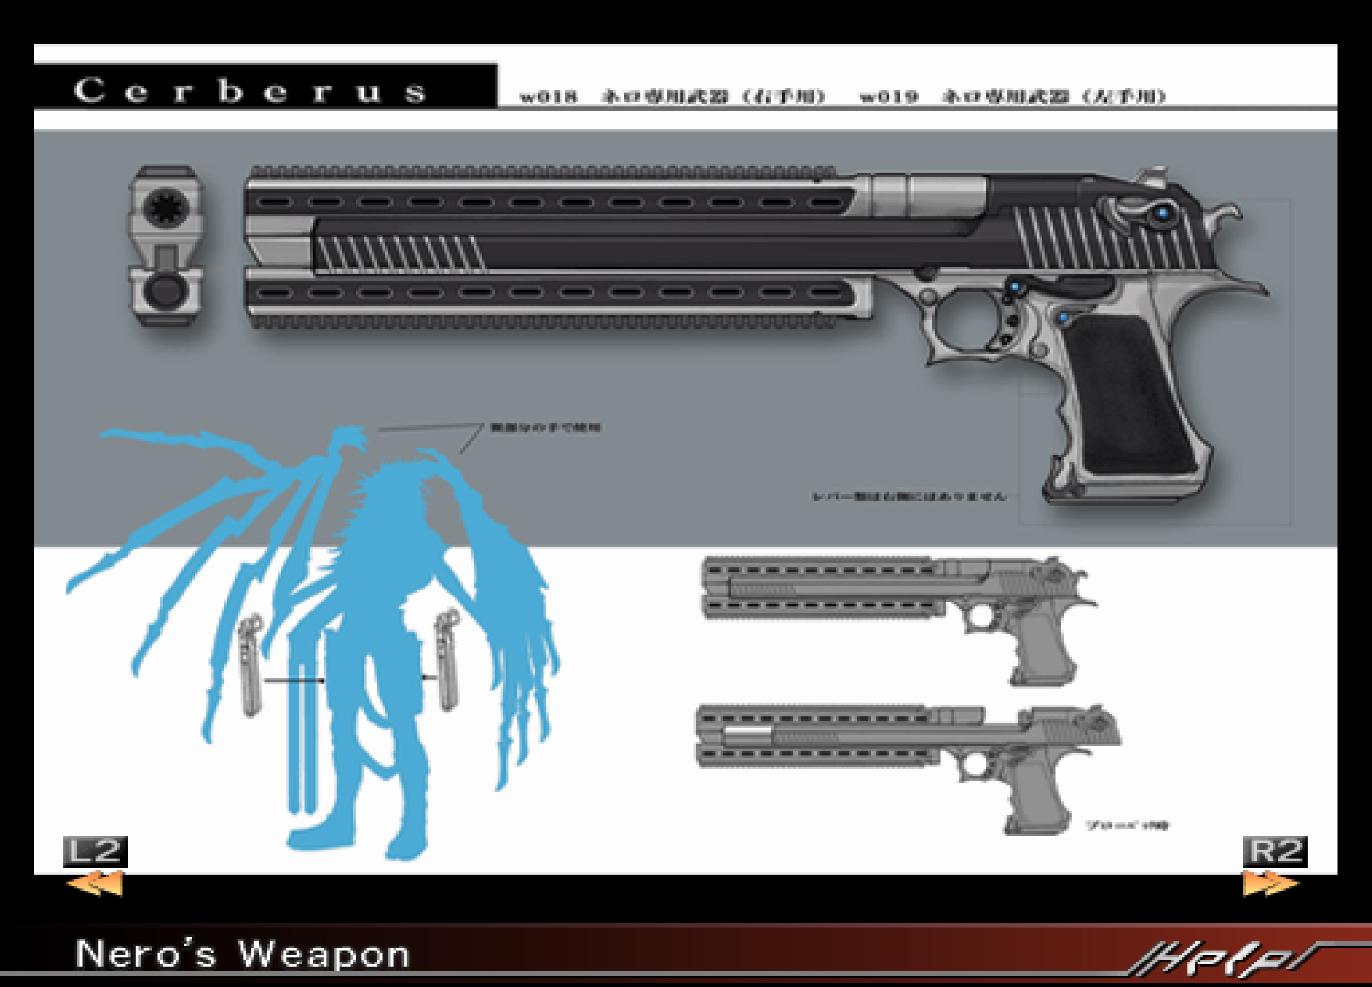 Nero s weapon